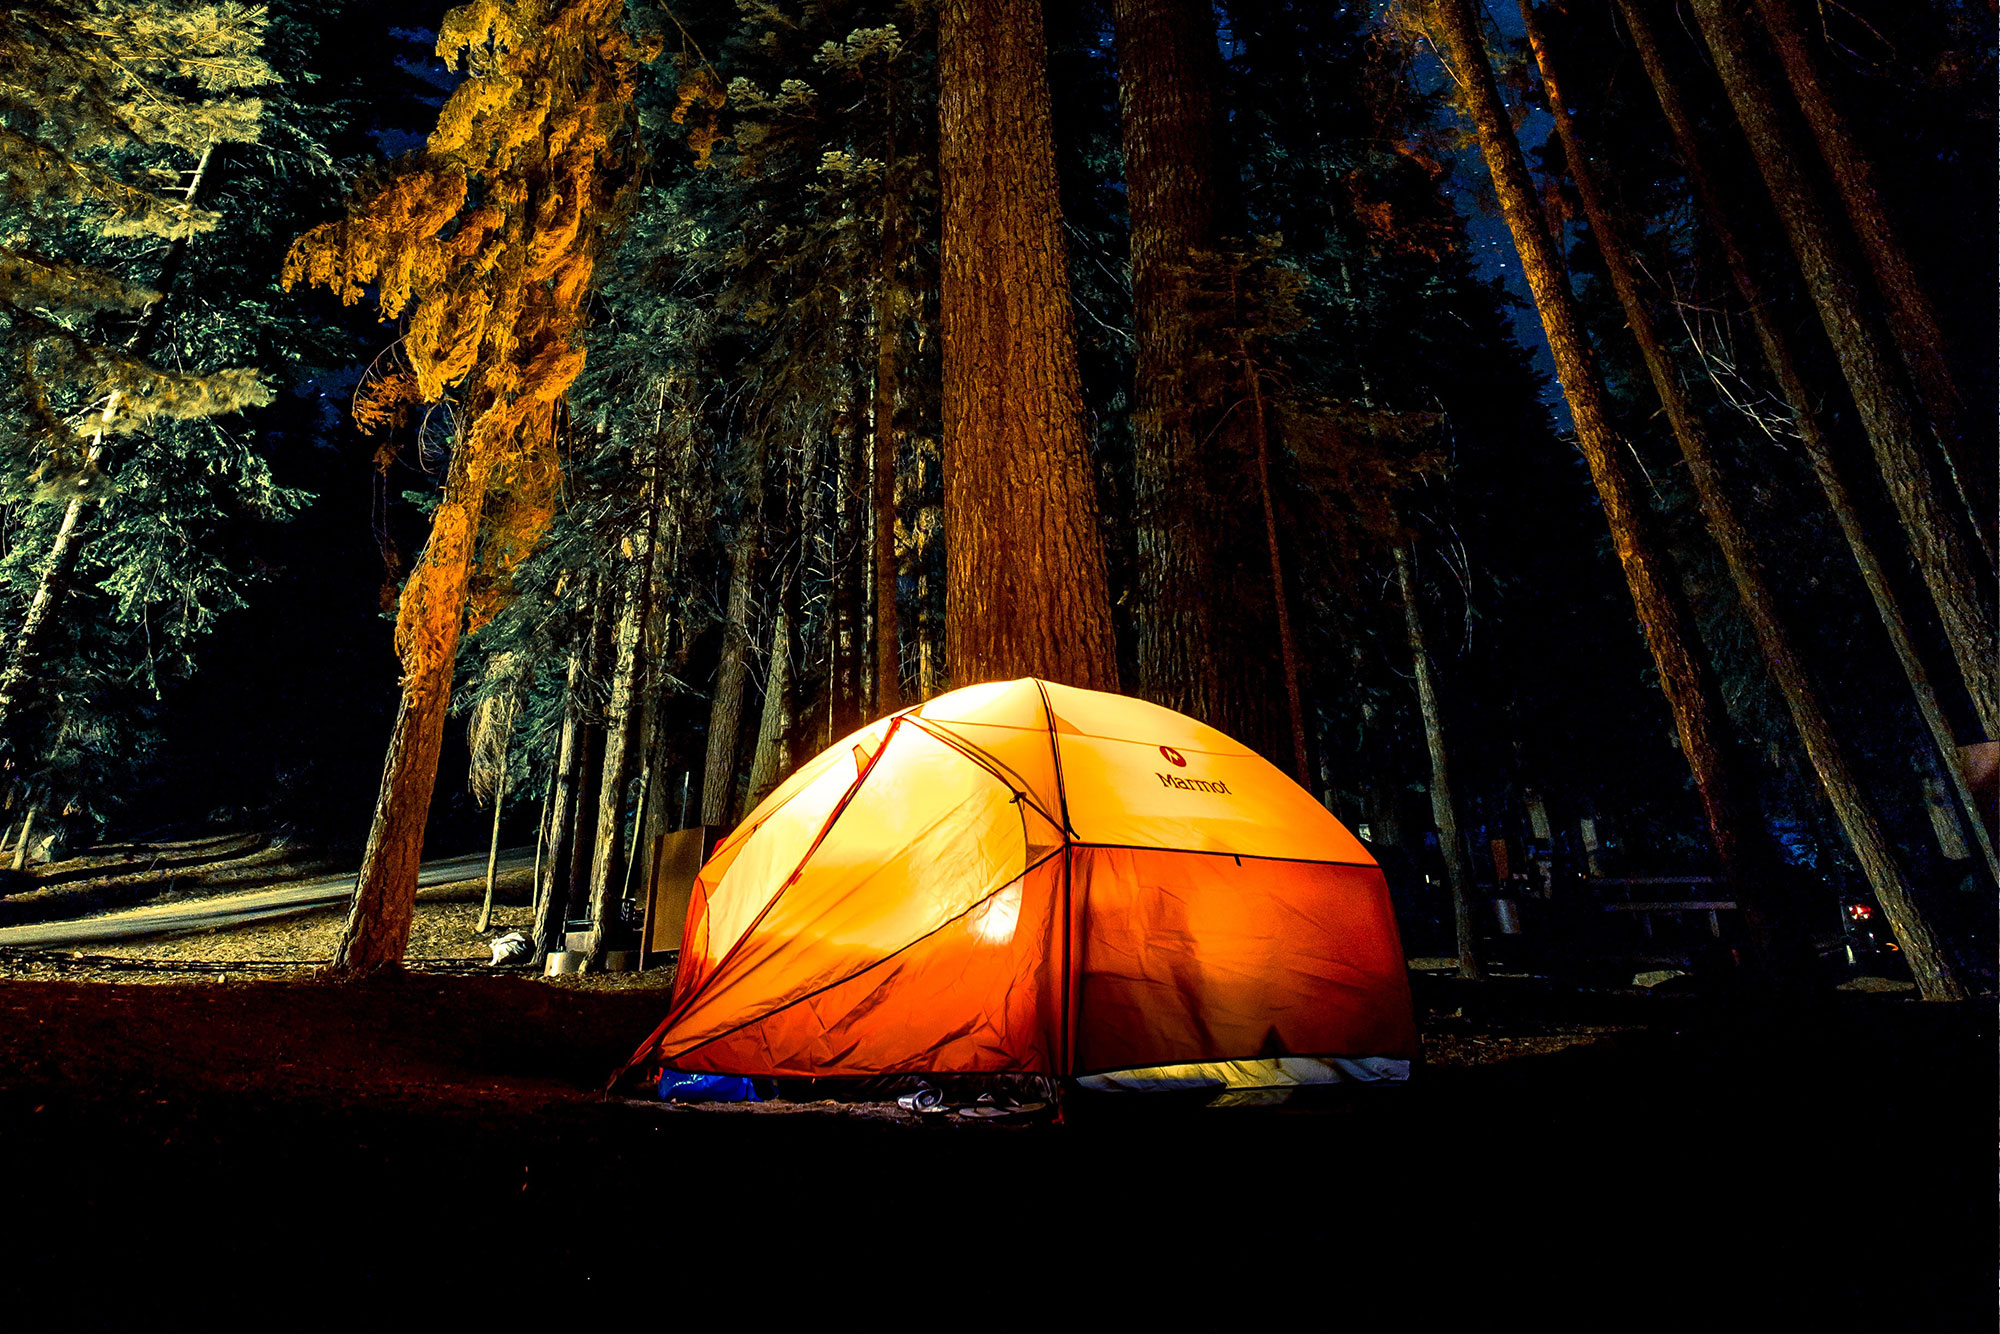 キャンプ飯が絶品に♪キャンプのお共に『アカモクの塩』